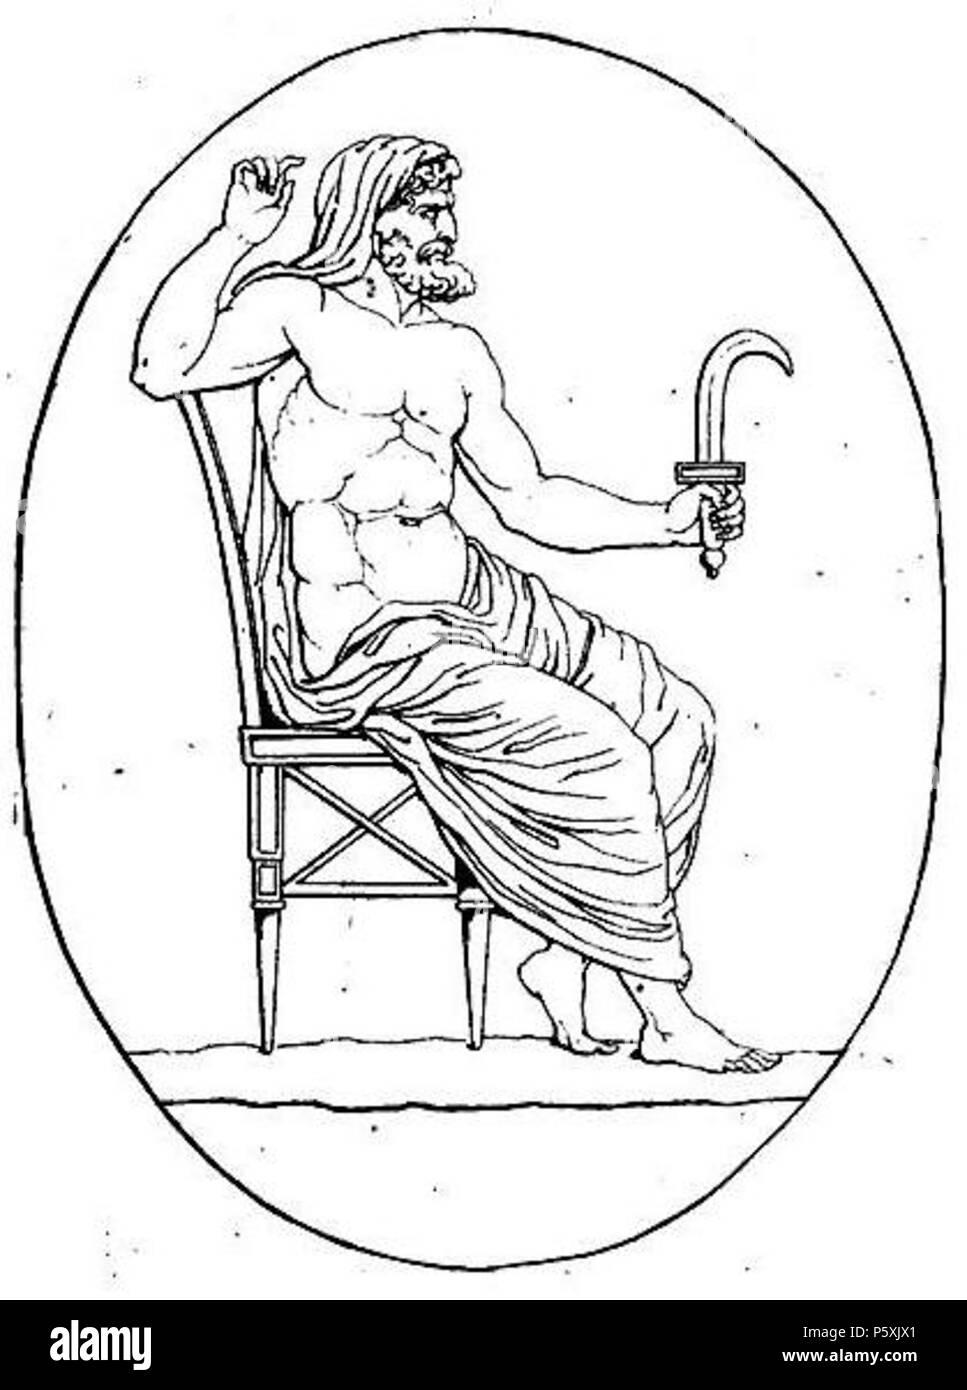 391 Cronos armé de la faucille (harpè) contre son père et divers médaillons pierre gravée crop Stock Photo